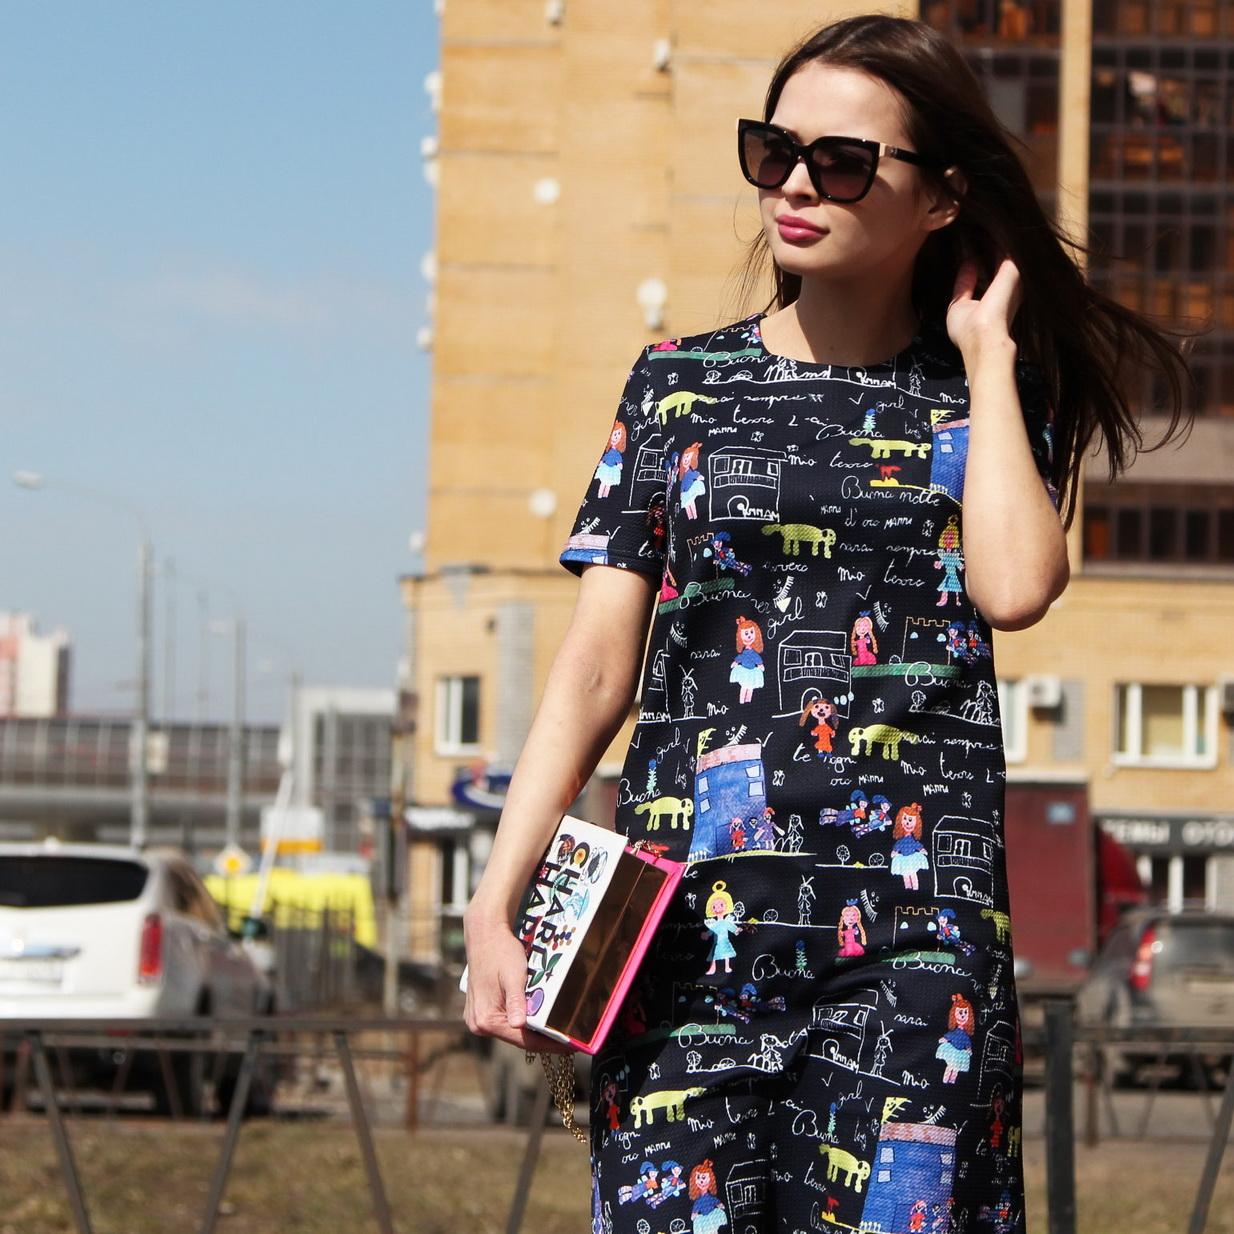 Сбор заказов. Новая великолепная, женственная коллекция. Дизайнерская одежда NASTYA SERGEEVA( платья, жакеты, брюки